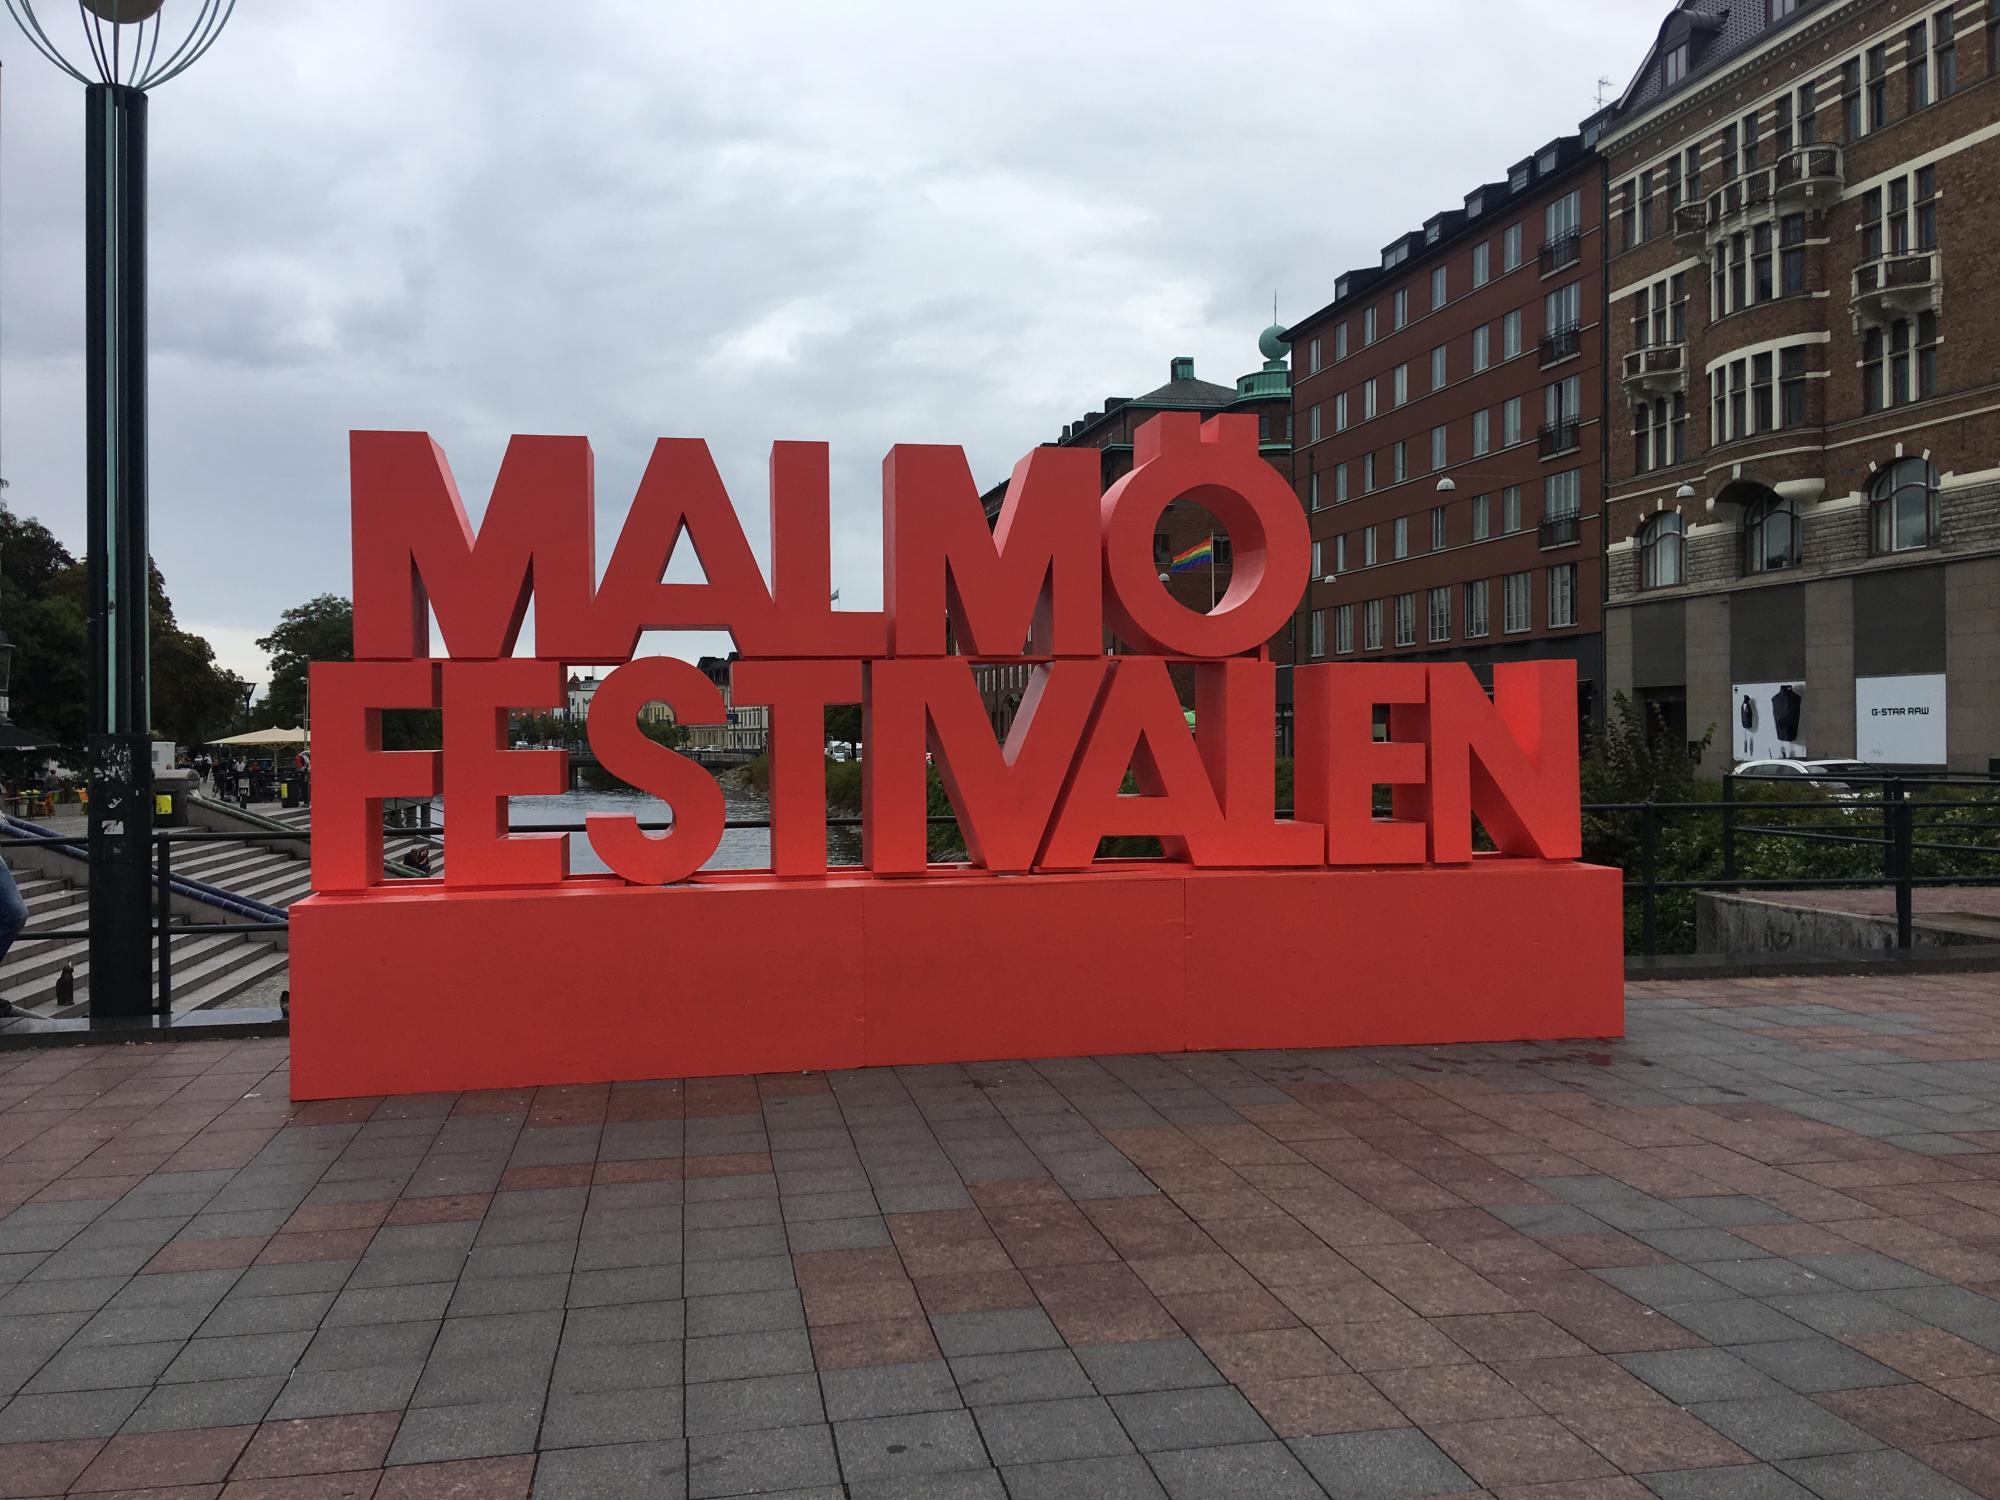 Malmö kallade - vi svarade